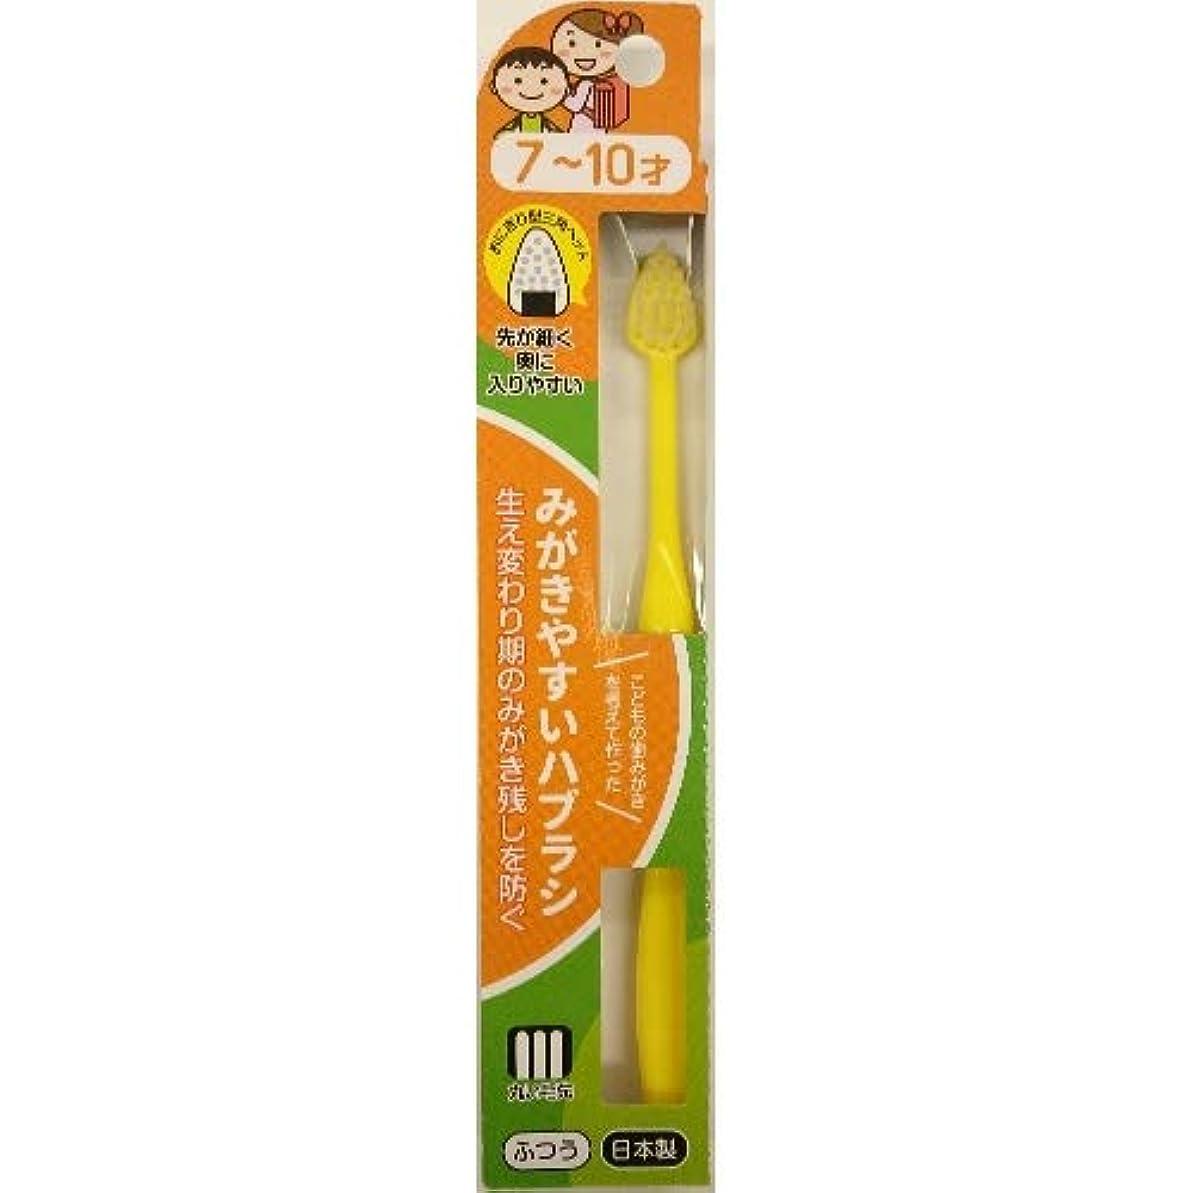 部屋を掃除する分ワーカーライフレンジ LT-39 みがきやすいハブラシ 7~10才 ふつう 1本入